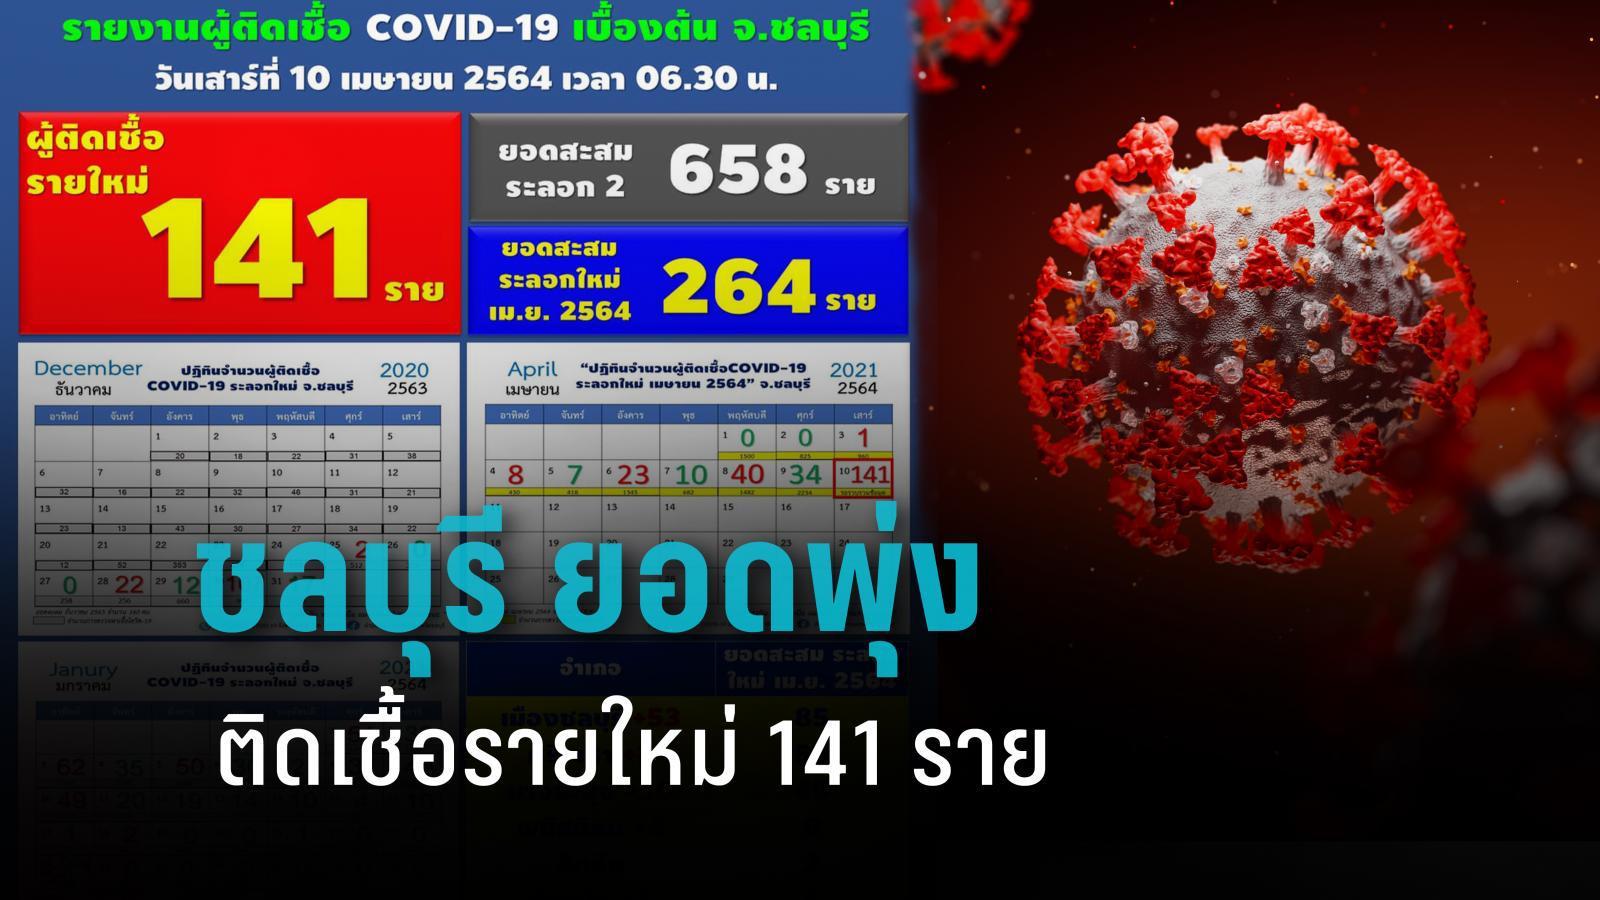 พุ่งไม่หยุด! ชลบุรี พบโควิด 141 ราย จากสถานบันเทิง